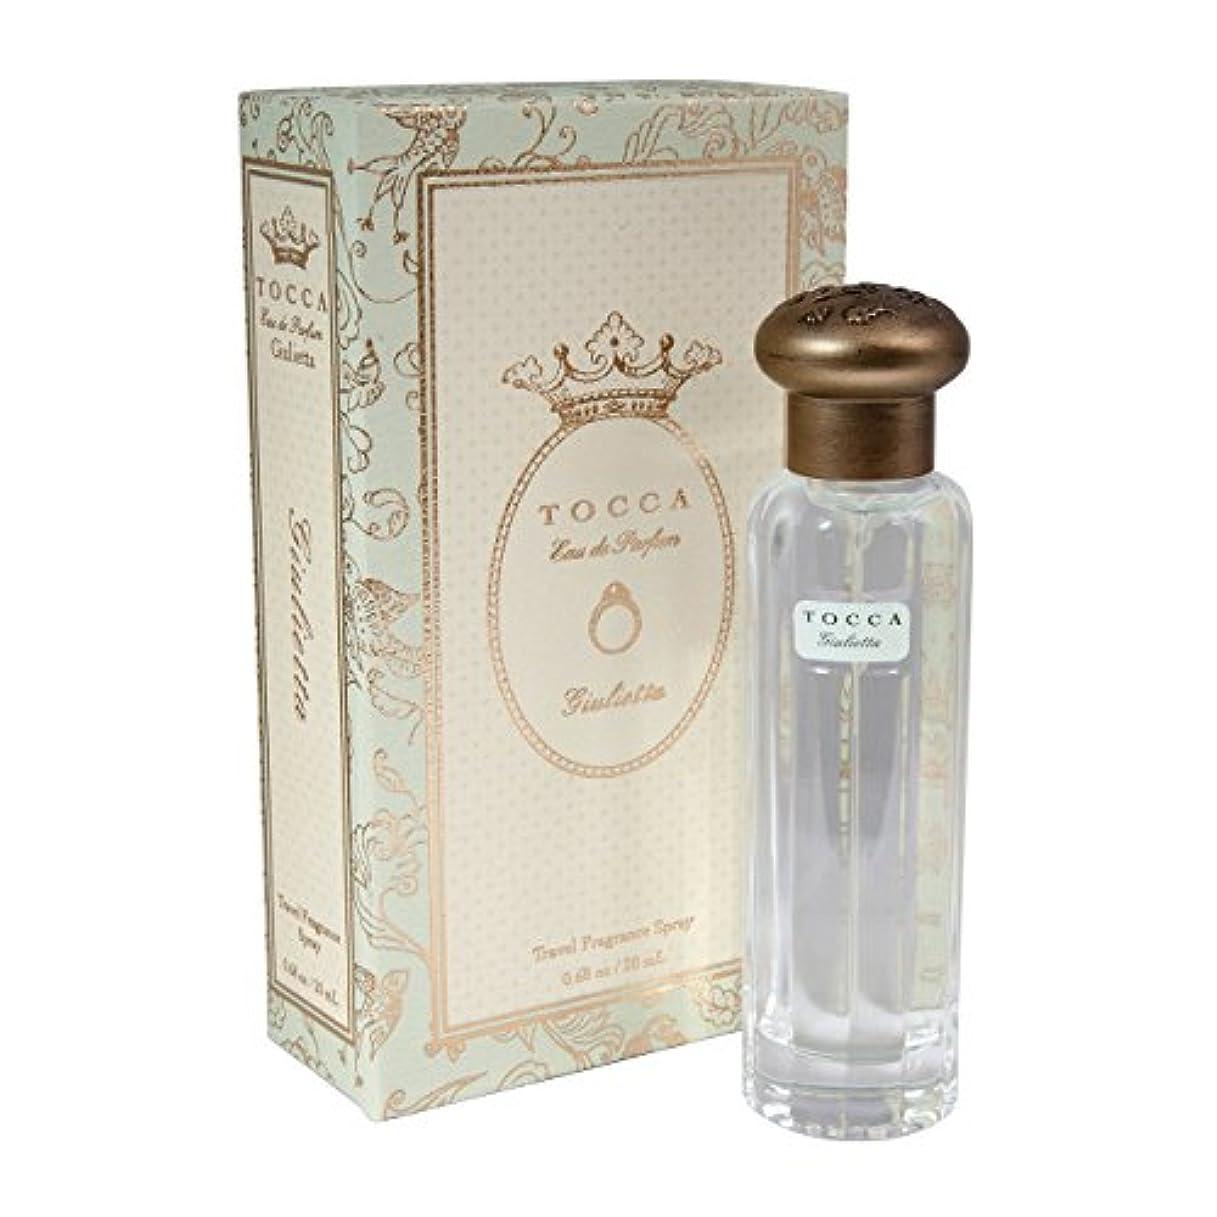 ピアニスト落胆した砂トッカ(TOCCA)  トラベルフレグランススプレー ジュリエッタの香り 20ml(香水 オードパルファム 映画監督と女優である妻とのラブストーリーを描く、グリーンアップルとチューリップの甘く優美な香り)